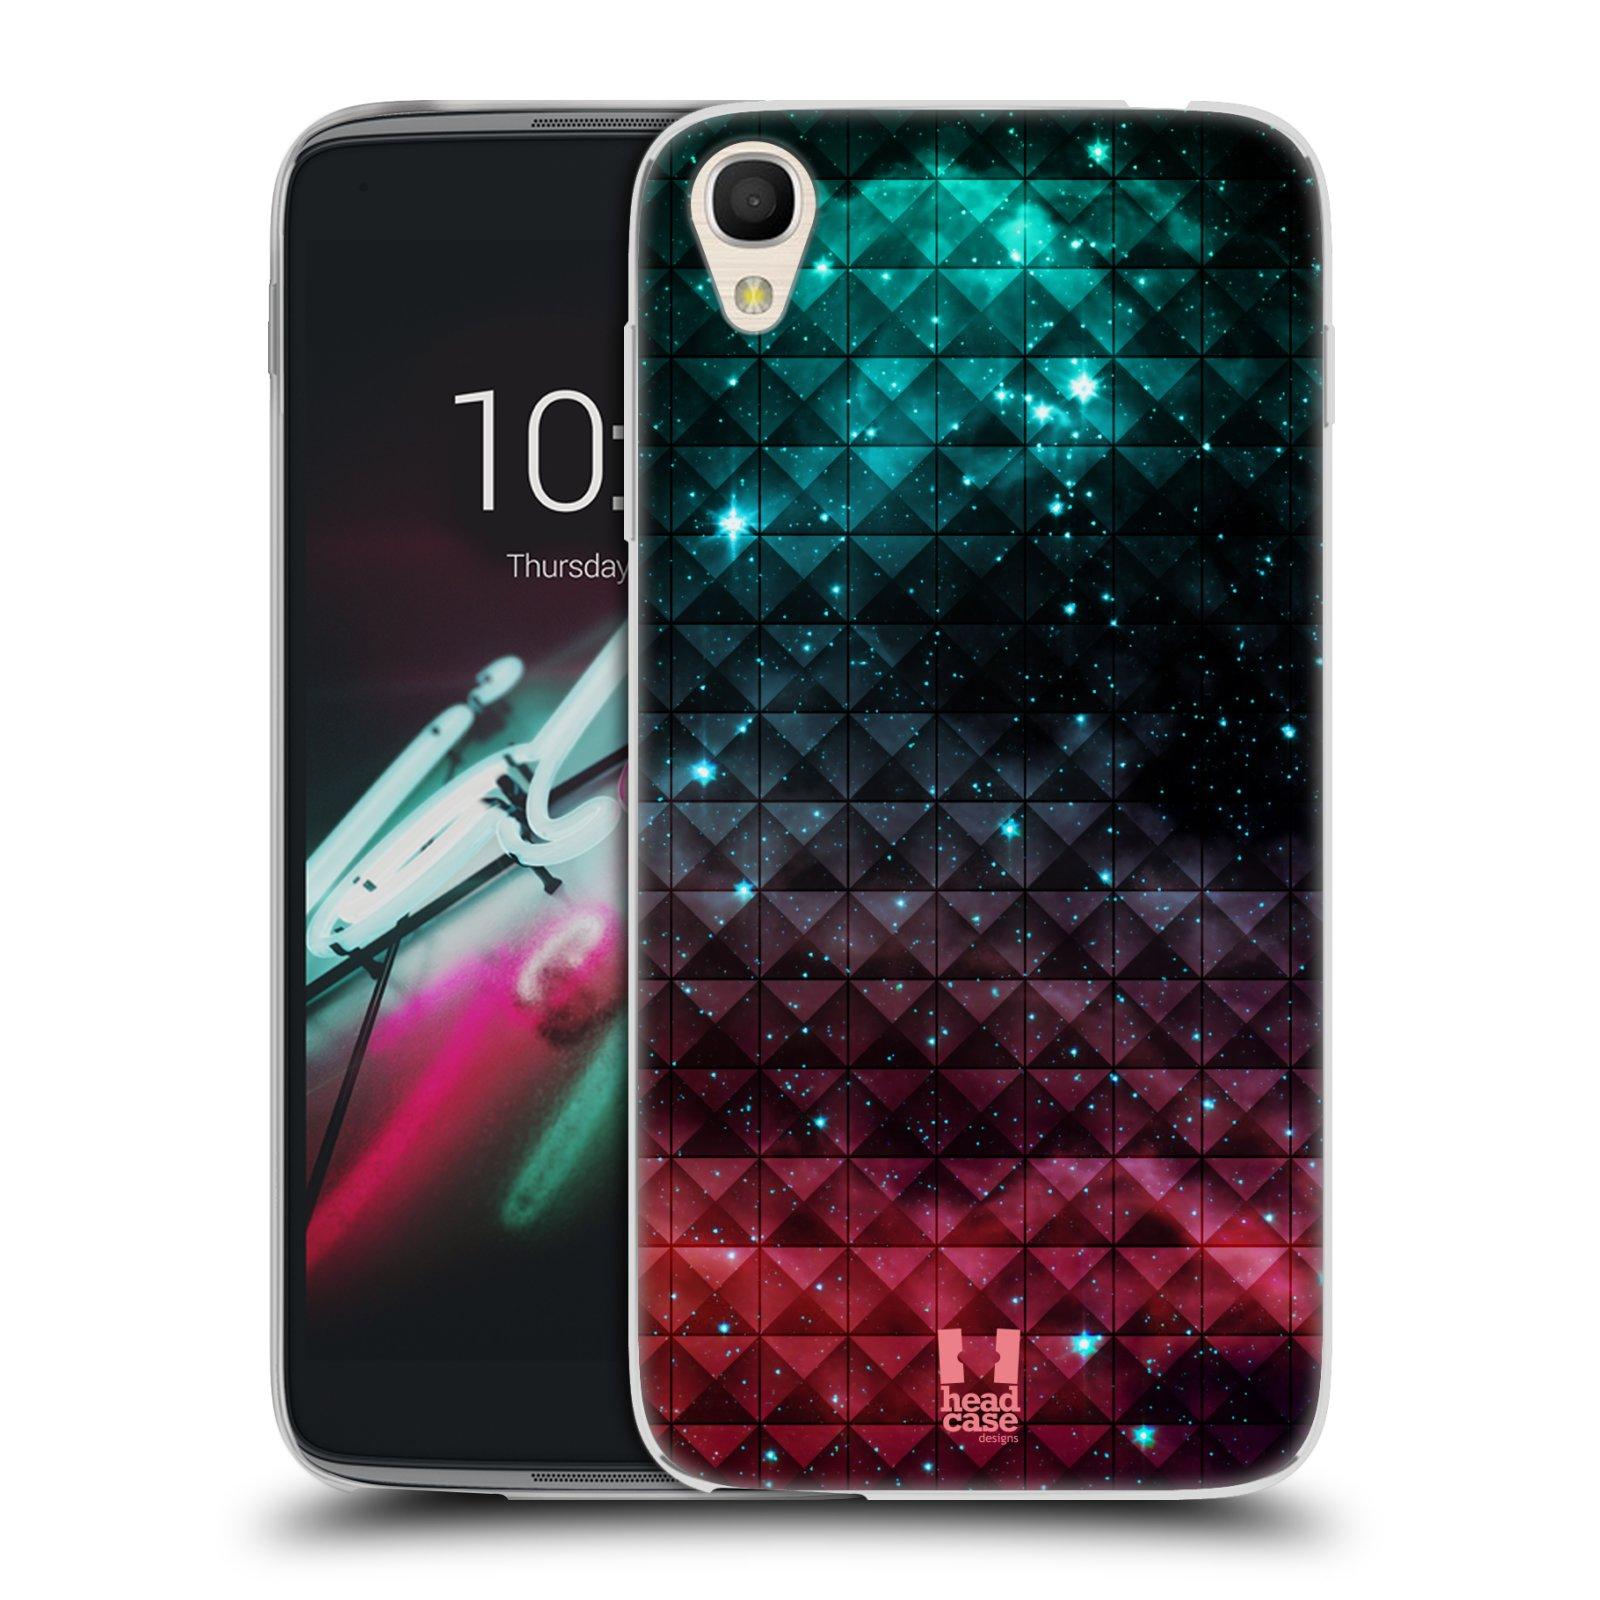 HEAD CASE silikonový obal na mobil Alcatel Idol 3 OT-6039Y (4.7) vzor Hvězdná obloha hvězdy a slunce RUDÁ A MODRÁ